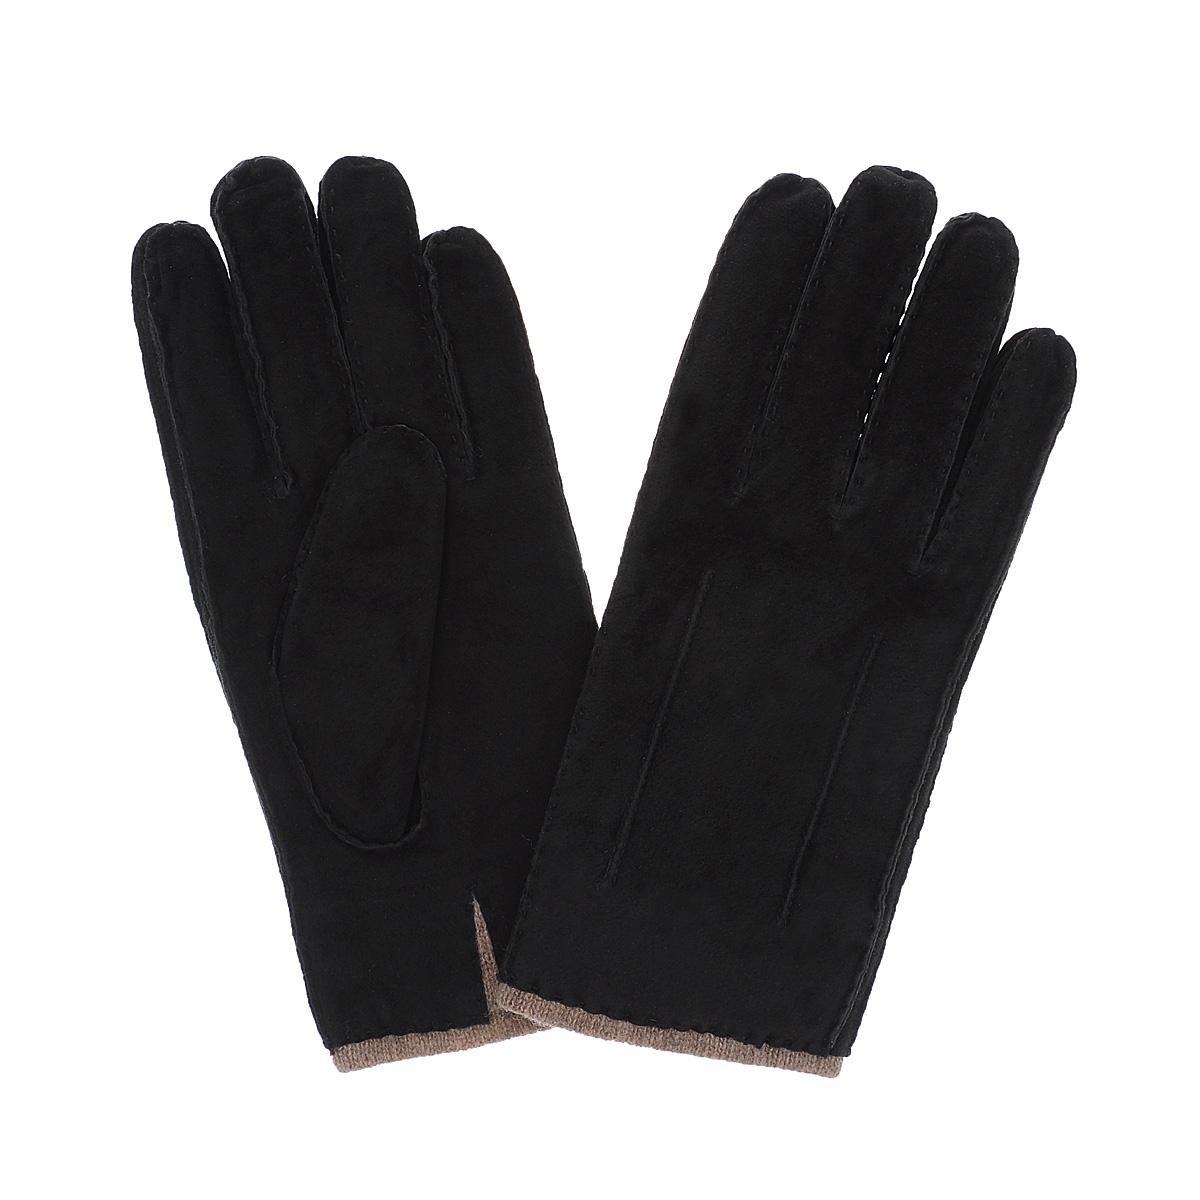 Перчатки мужские Dali Exclusive, цвет: черный. SP16_FORK/BL. Размер 8,5SP16_FORK/BLСтильные мужские перчатки Dali Exclusive не только защитят ваши руки, но и станут великолепным украшением. Перчатки выполнены из чрезвычайно мягкой и приятной на ощупь натуральной замши, а их подкладка - из натуральной шерсти. Перчатки с внешней стороны оформлены декоративными стежками.Модель благодаря своему лаконичному исполнению прекрасно дополнит образ любого мужчины и сделает его более стильным, придав тонкую нотку брутальности. Создайте элегантный образ и подчеркните свою яркую индивидуальность новым аксессуаром!